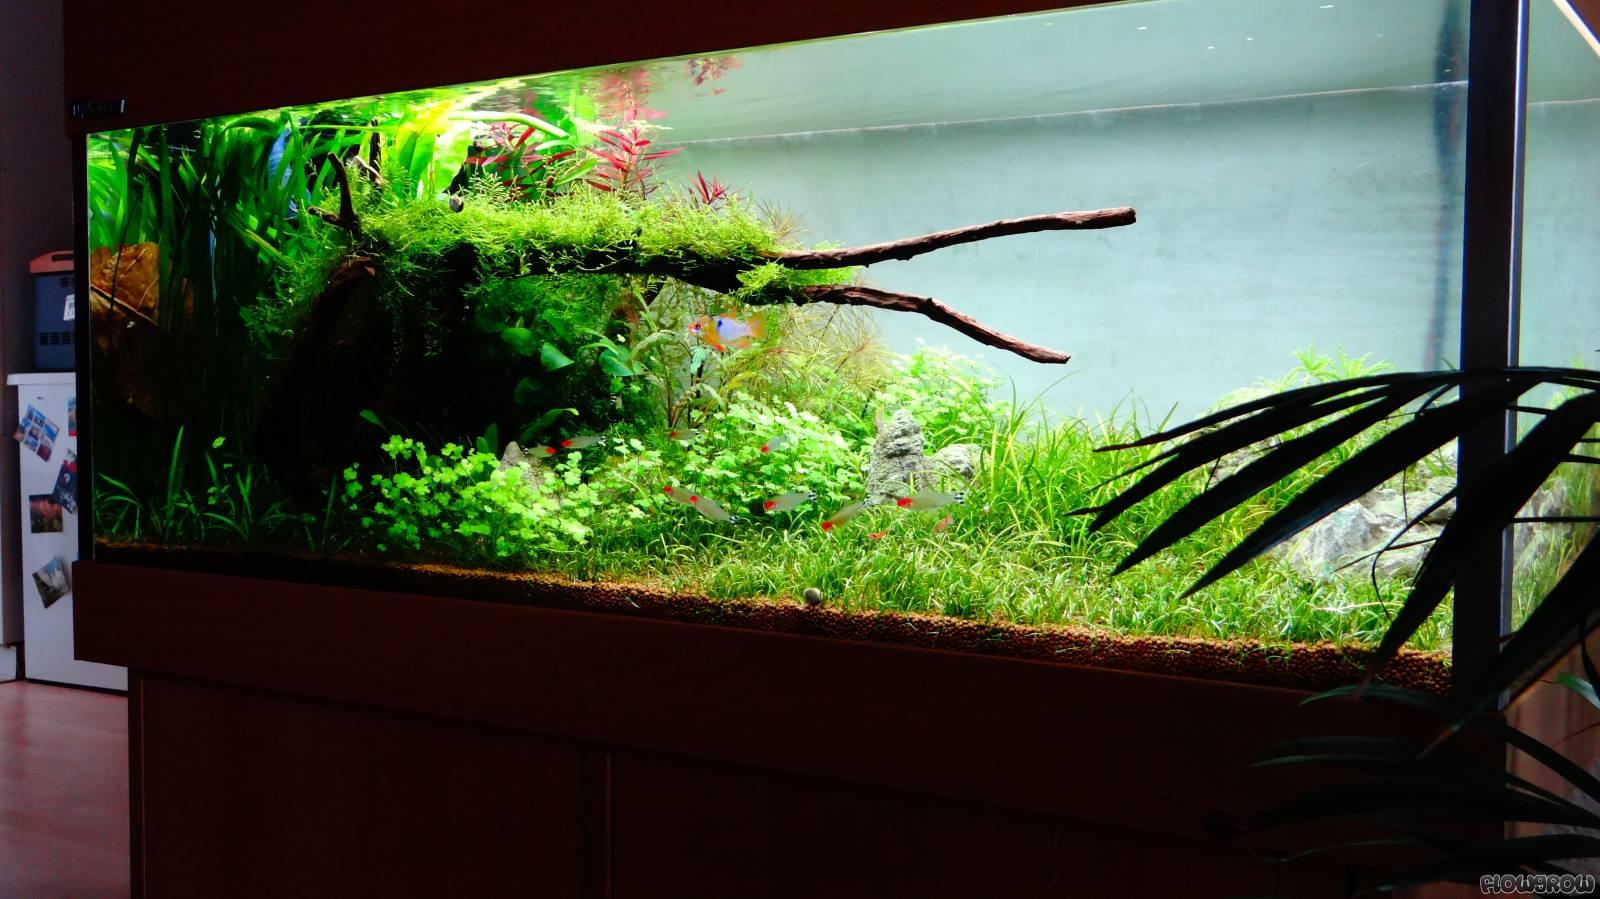 200l flowgrow aquascape aquarien datenbank. Black Bedroom Furniture Sets. Home Design Ideas